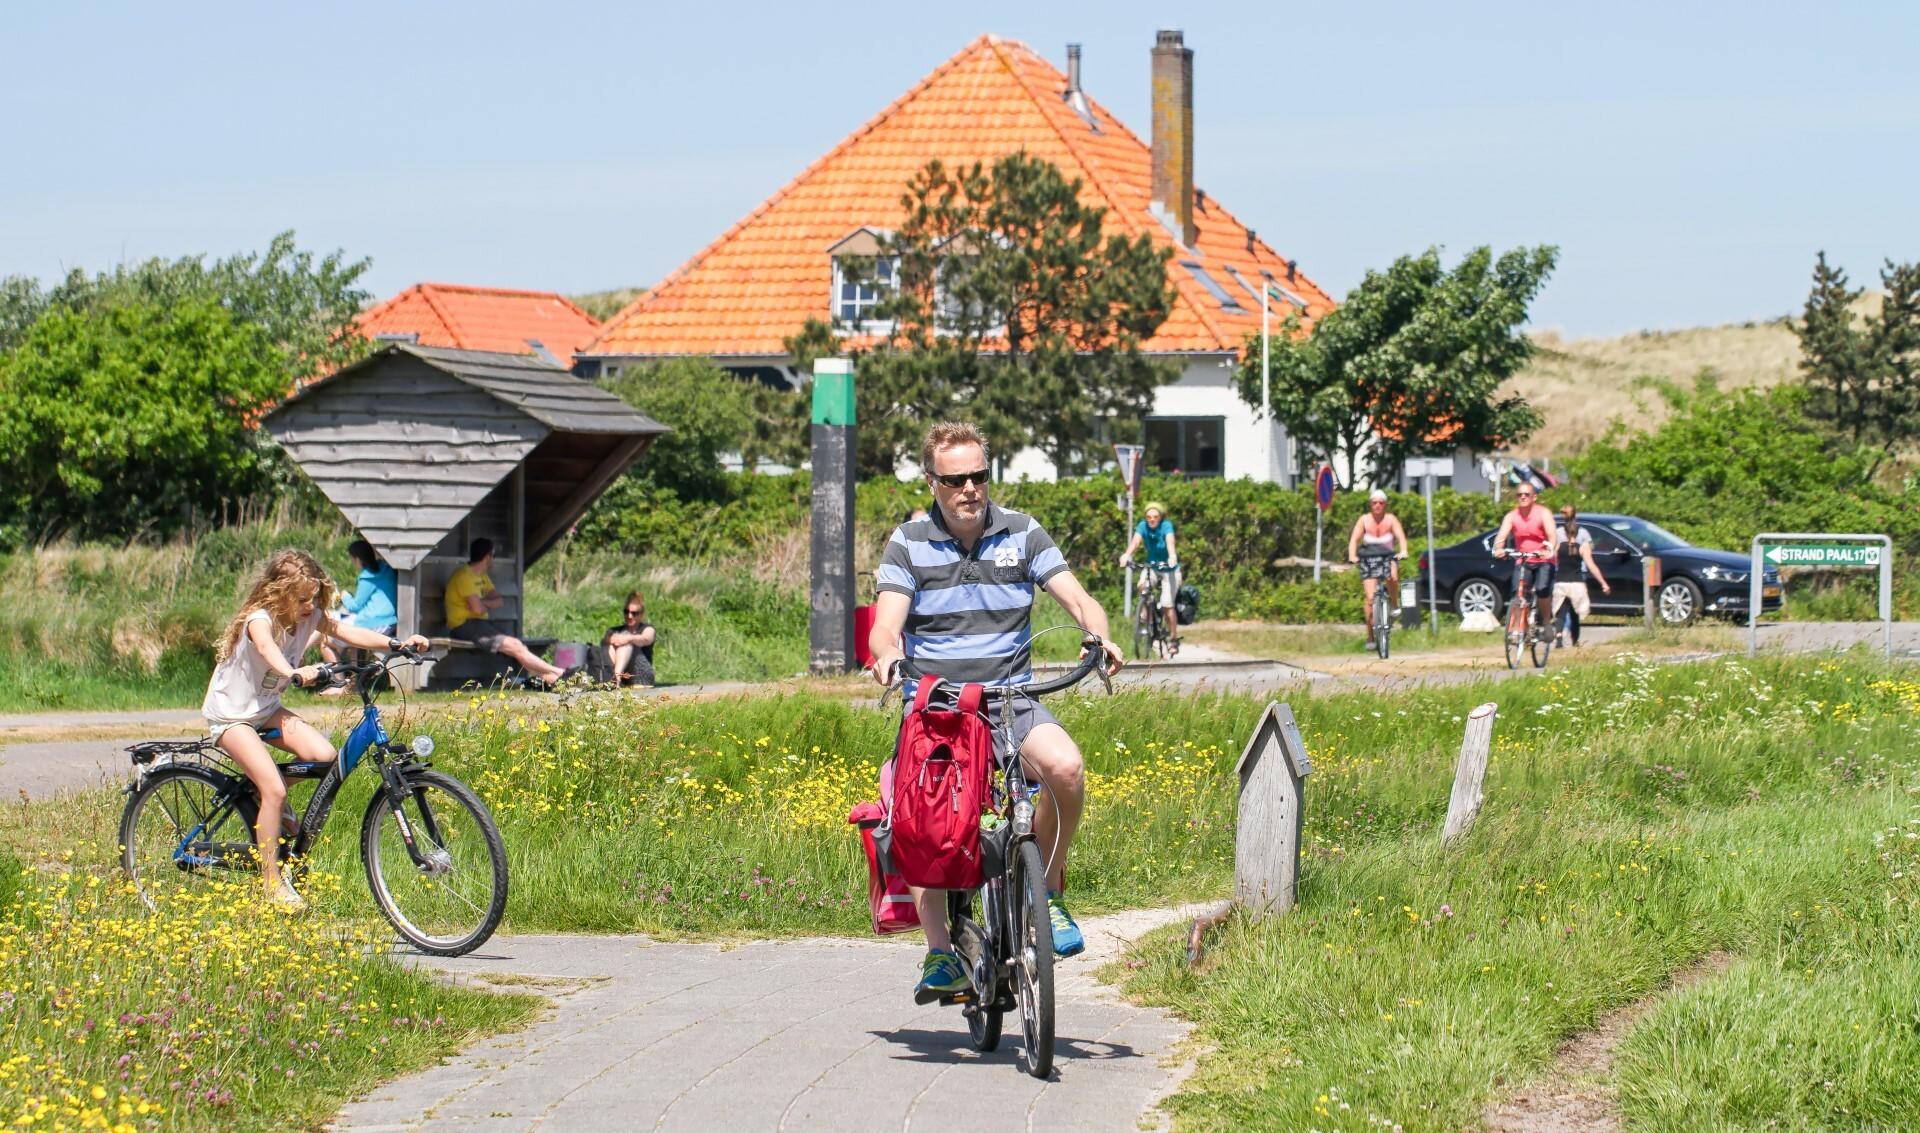 Vader en dochter fietsen op Texel VVV Texel fotograaf Justin Sinner